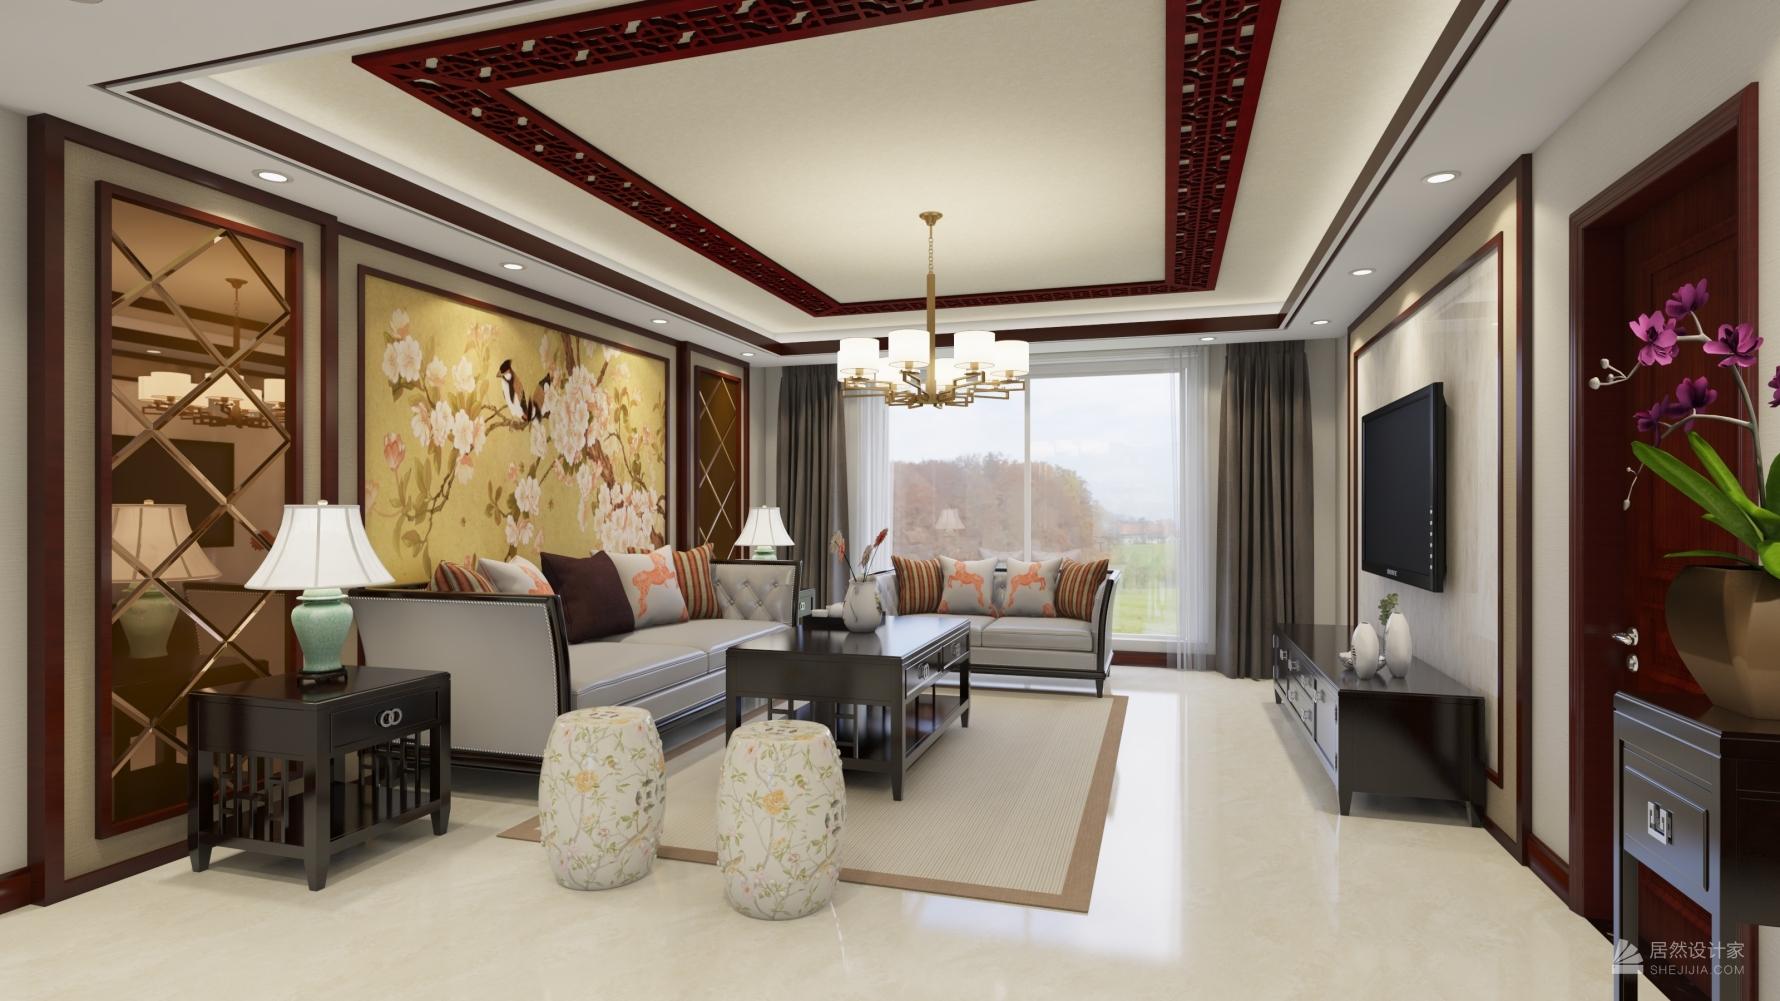 中式风格四室一厅装修设计图